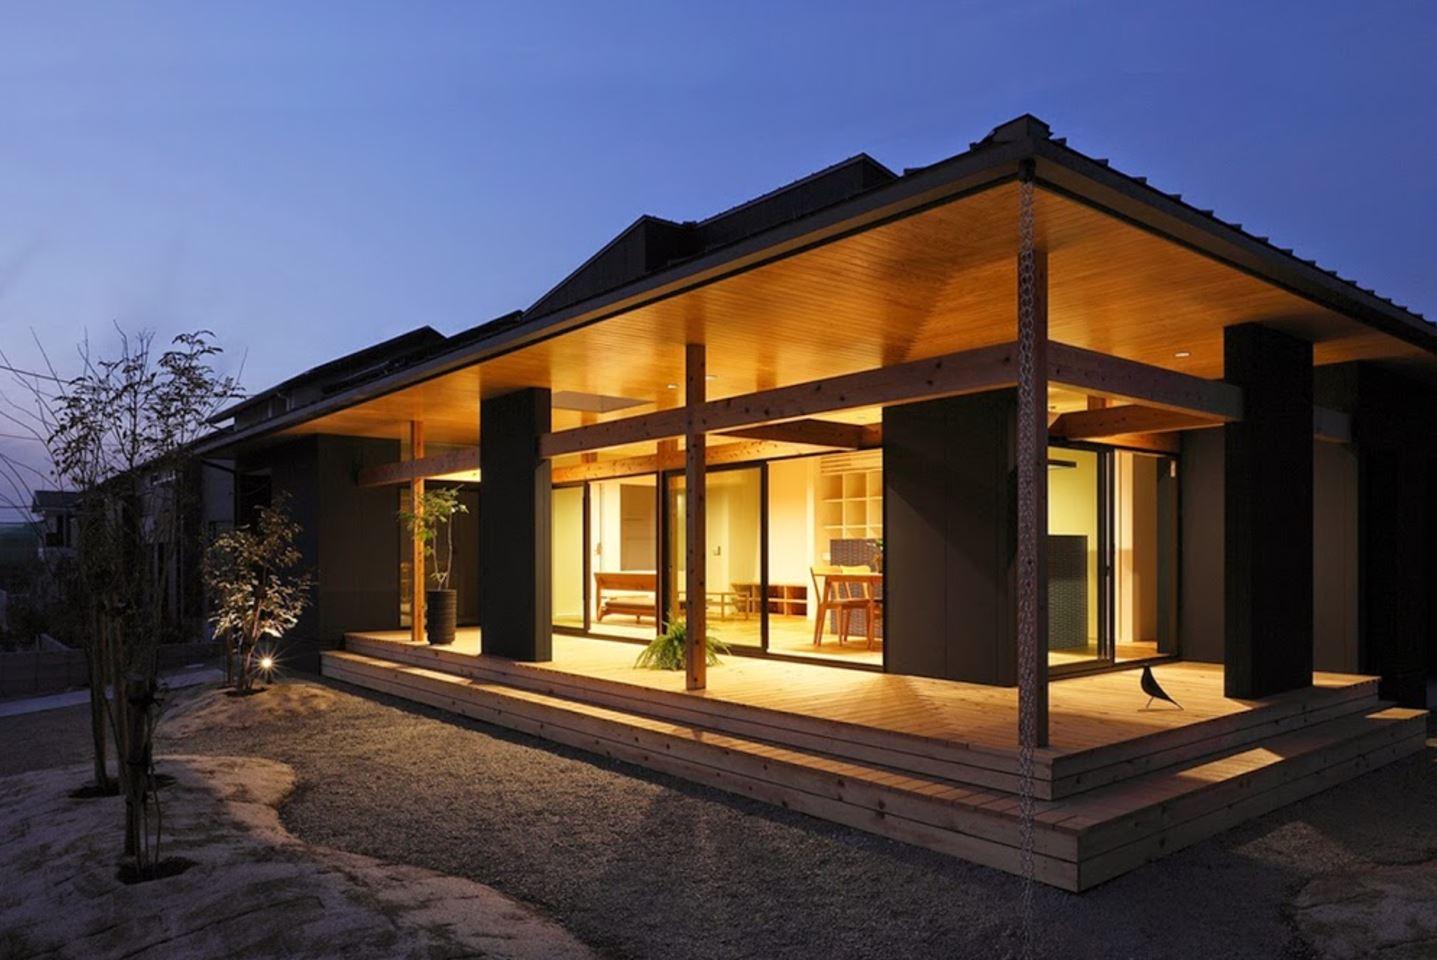 Casa japonesa moderna planos